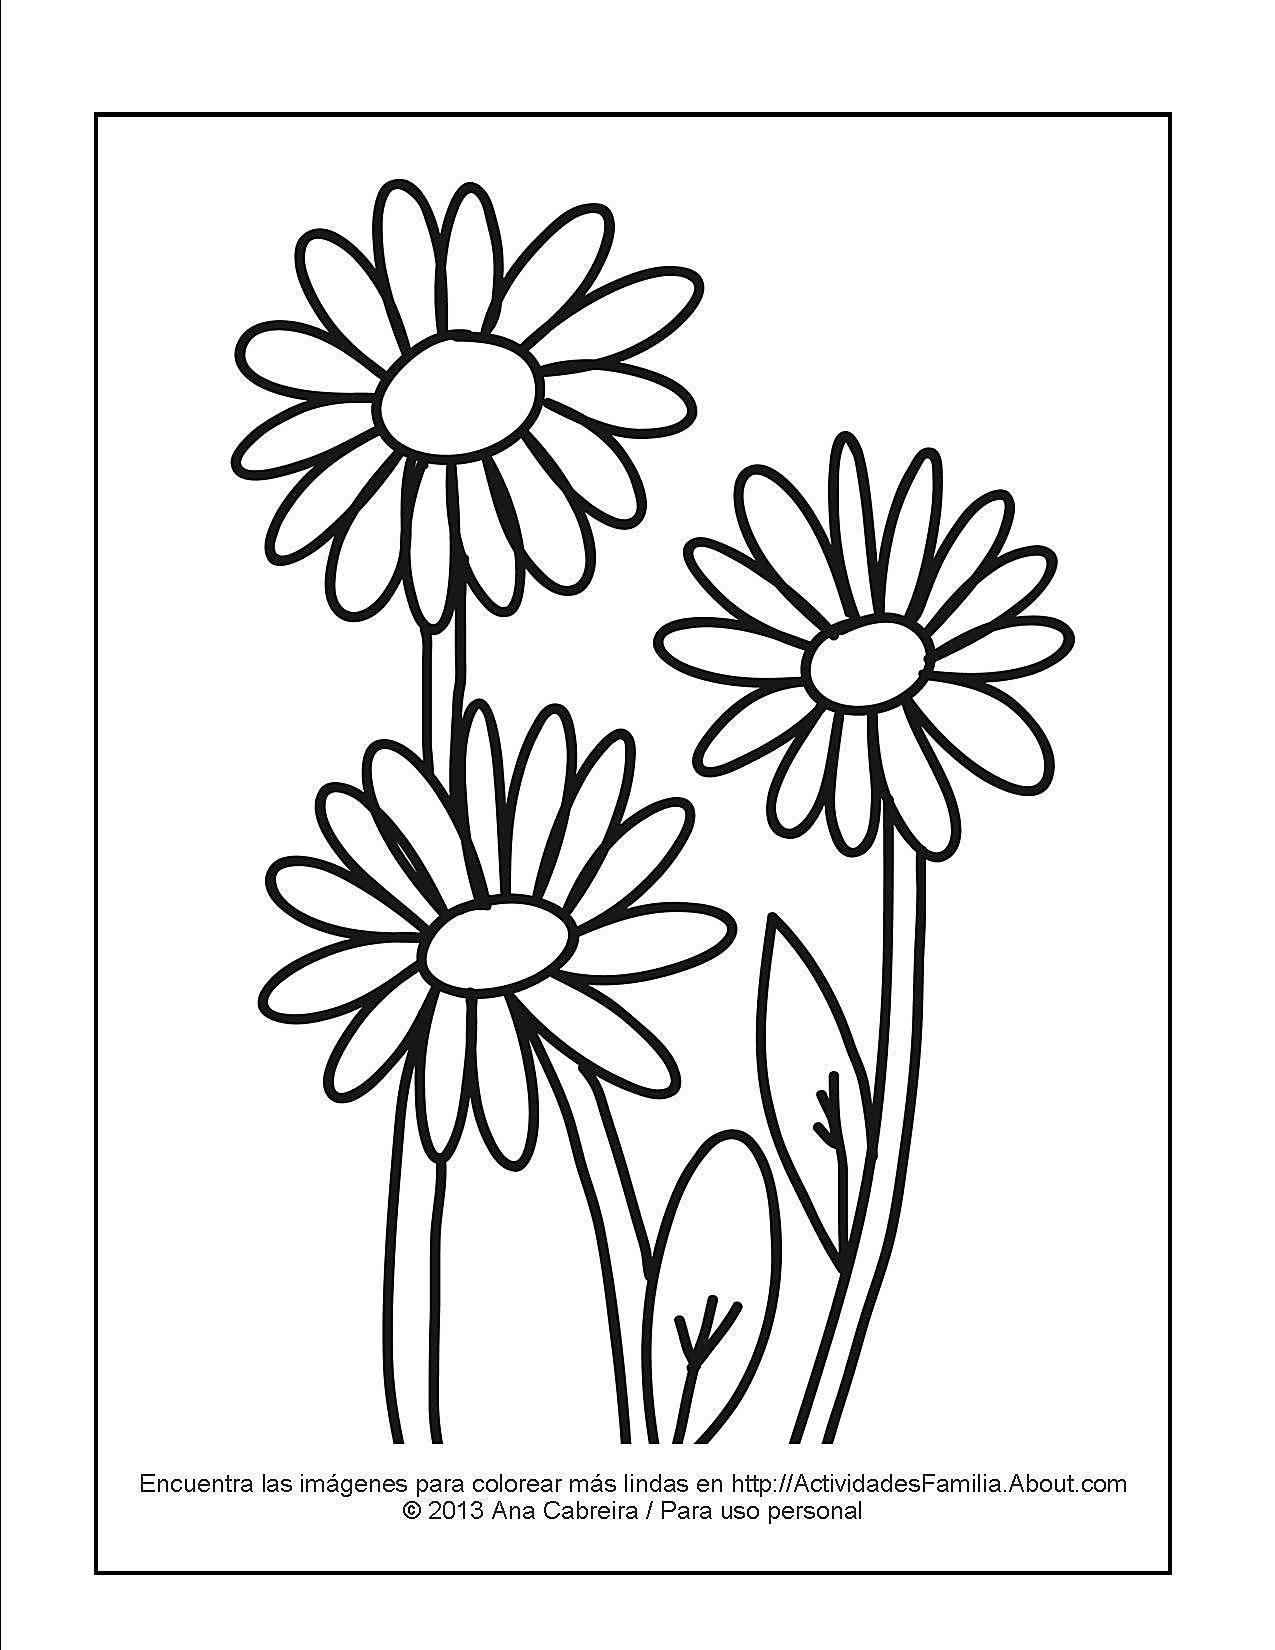 Dorable Flores Para Colorear Páginas Margarita Ilustración - Ideas ...